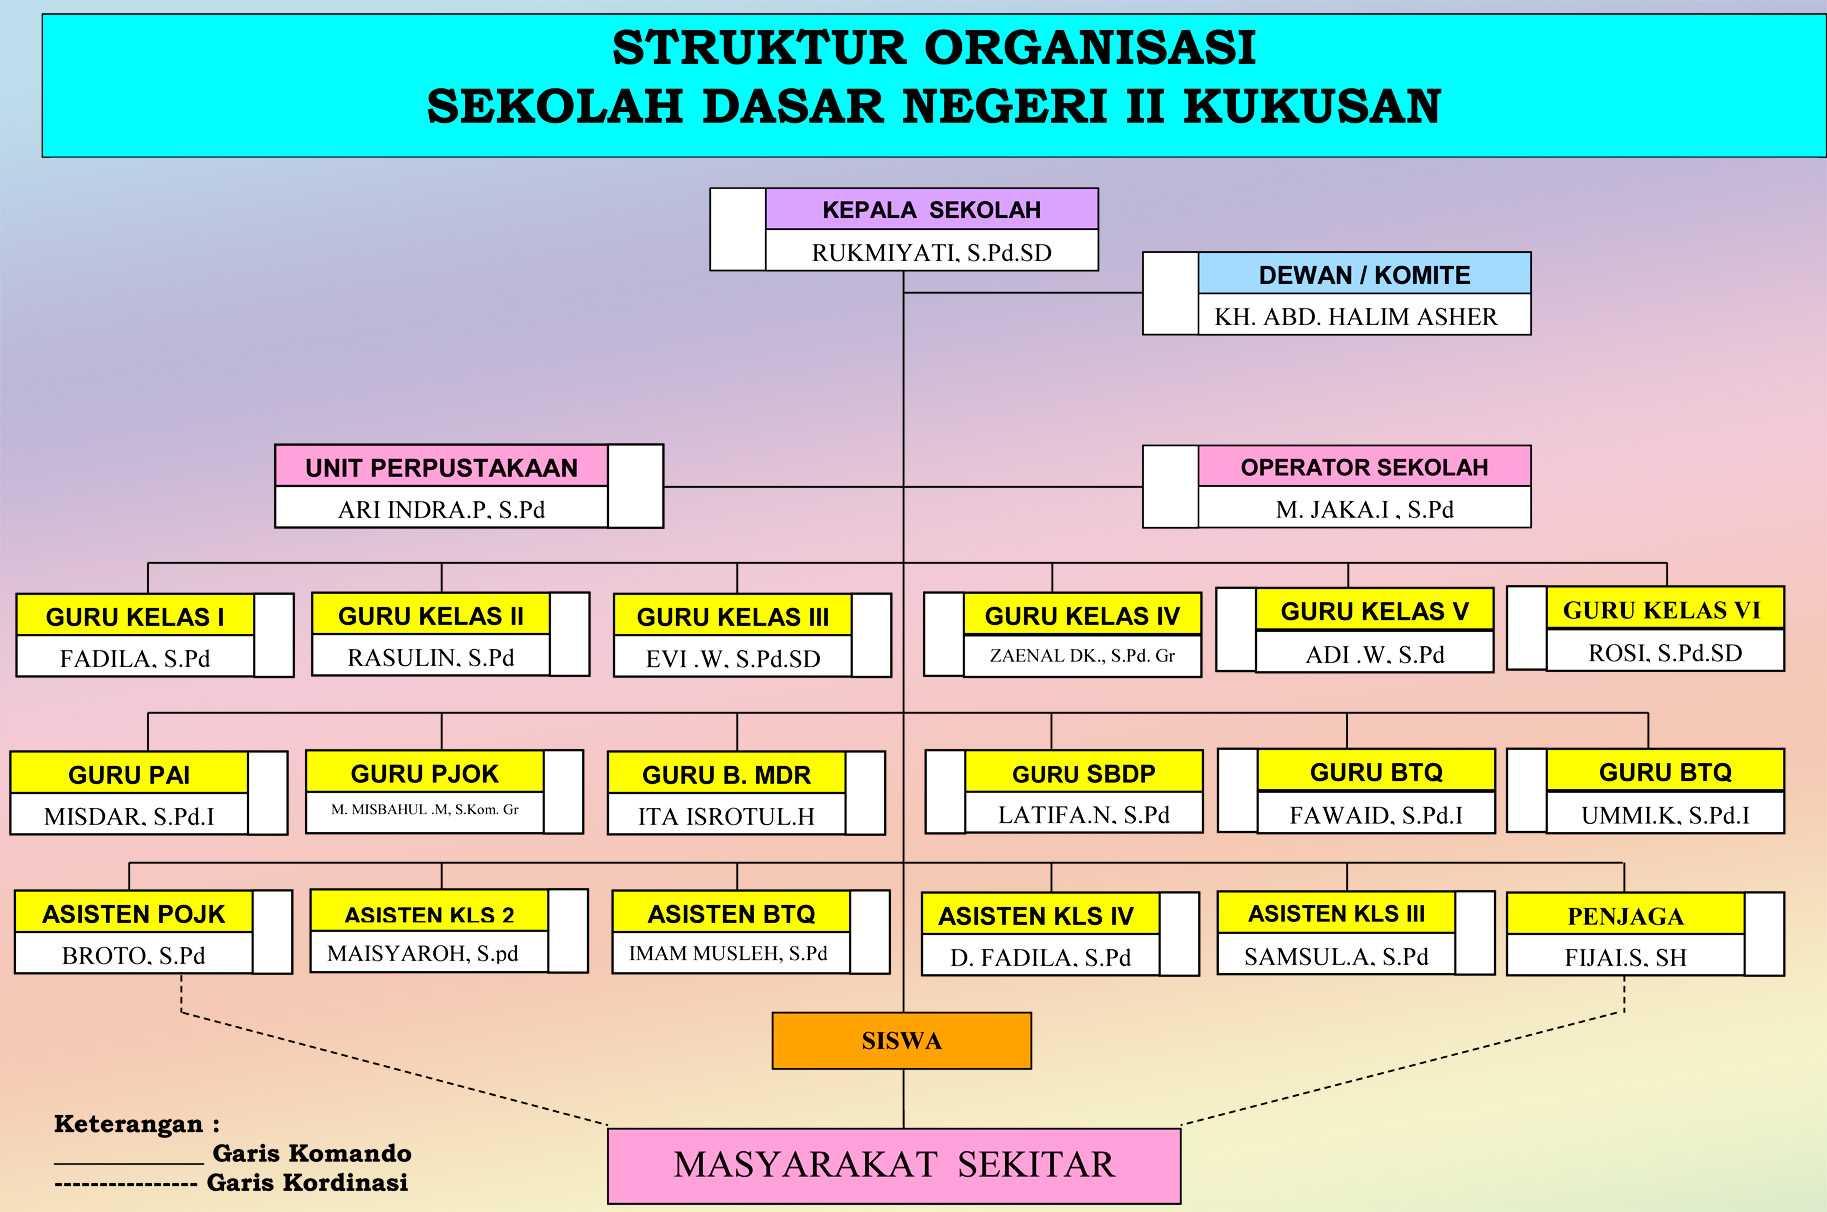 Struktur Organisasi - SD NEGERI II KUKUSAN